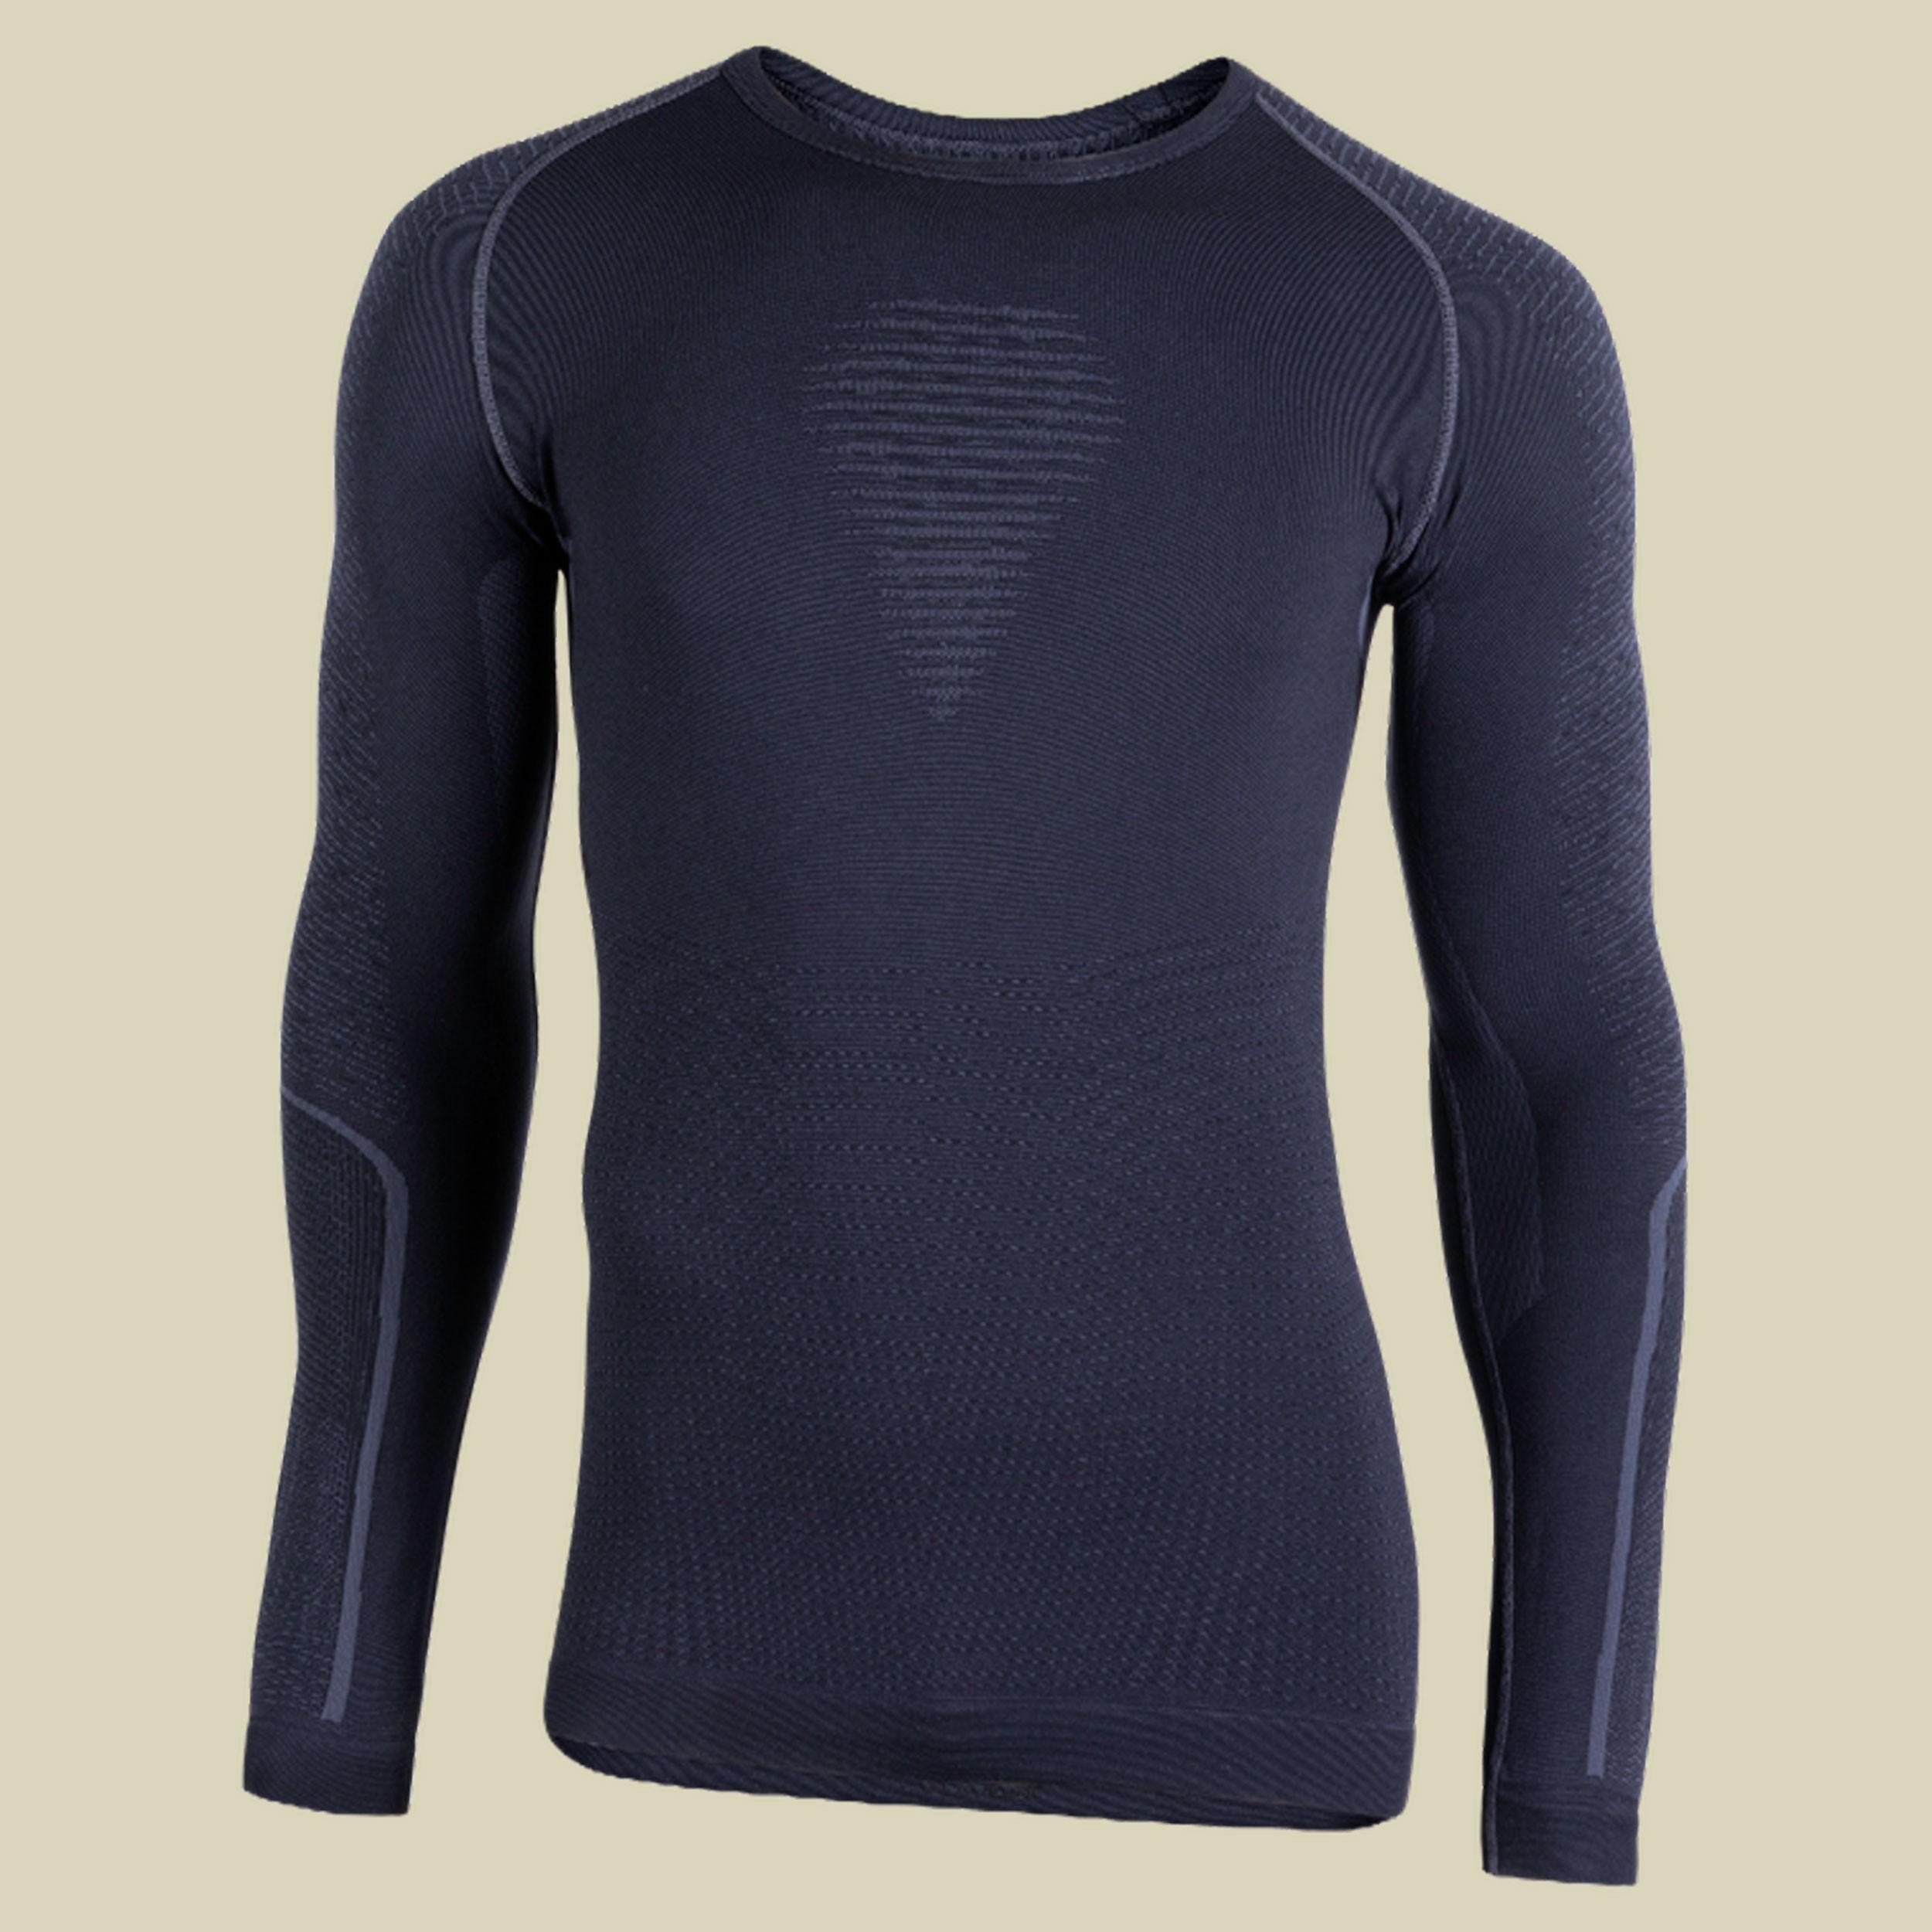 Visyon UW Shirt LG_SL Men